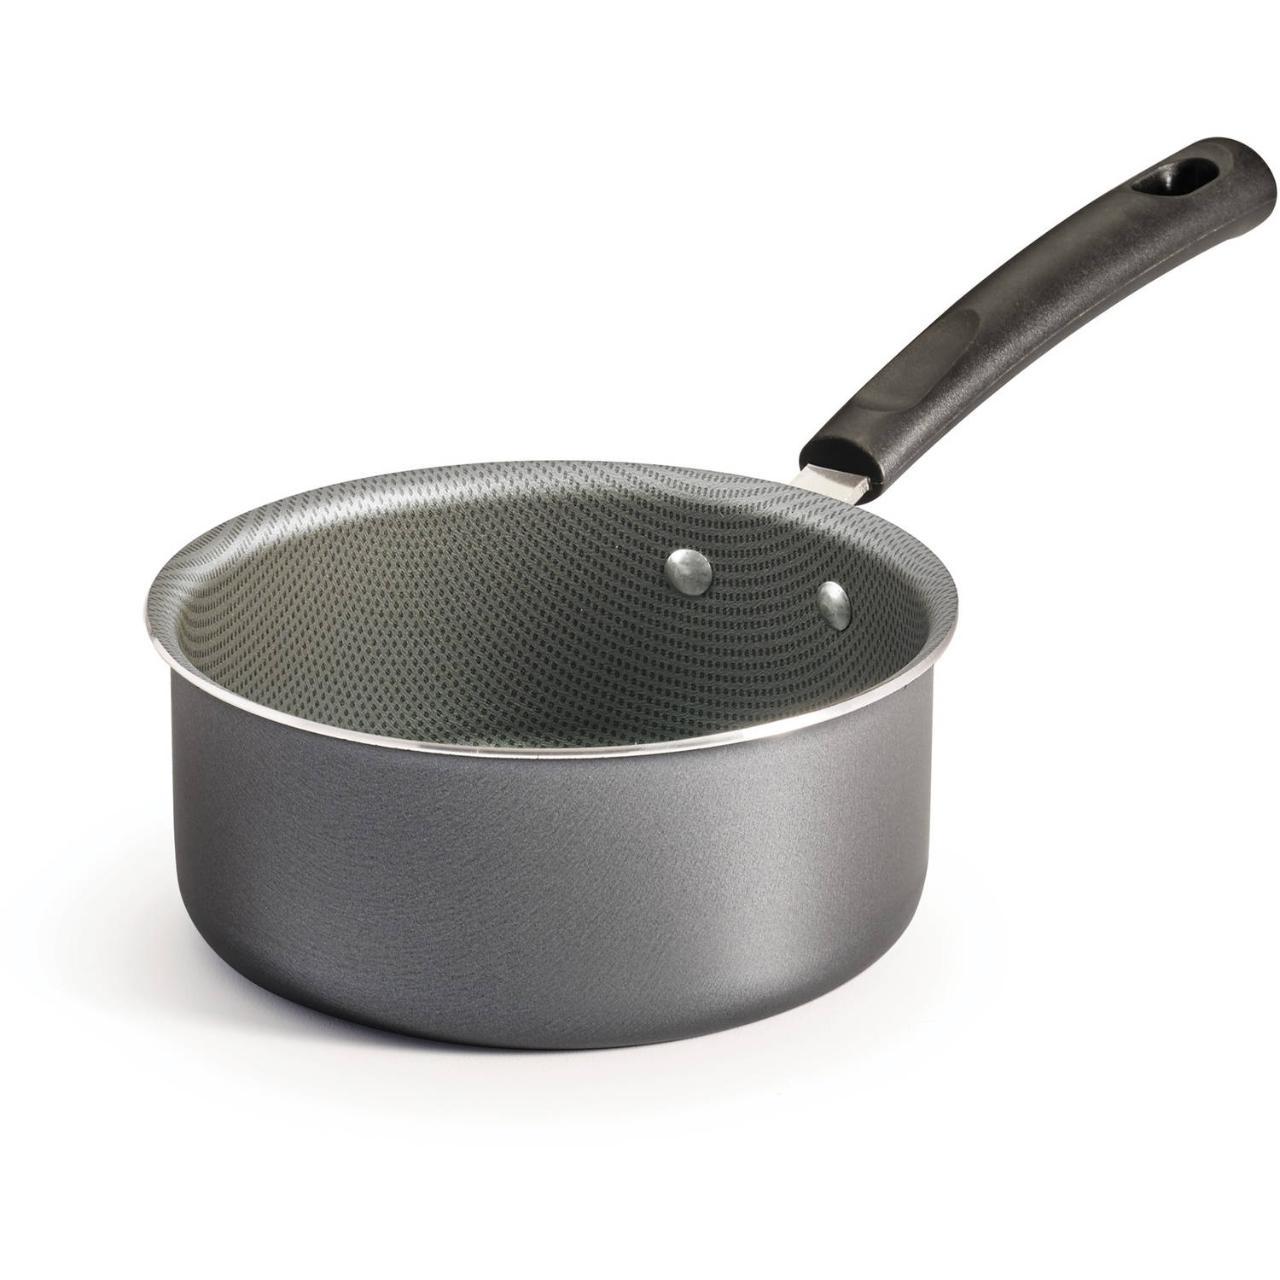 Pot - 1 QT